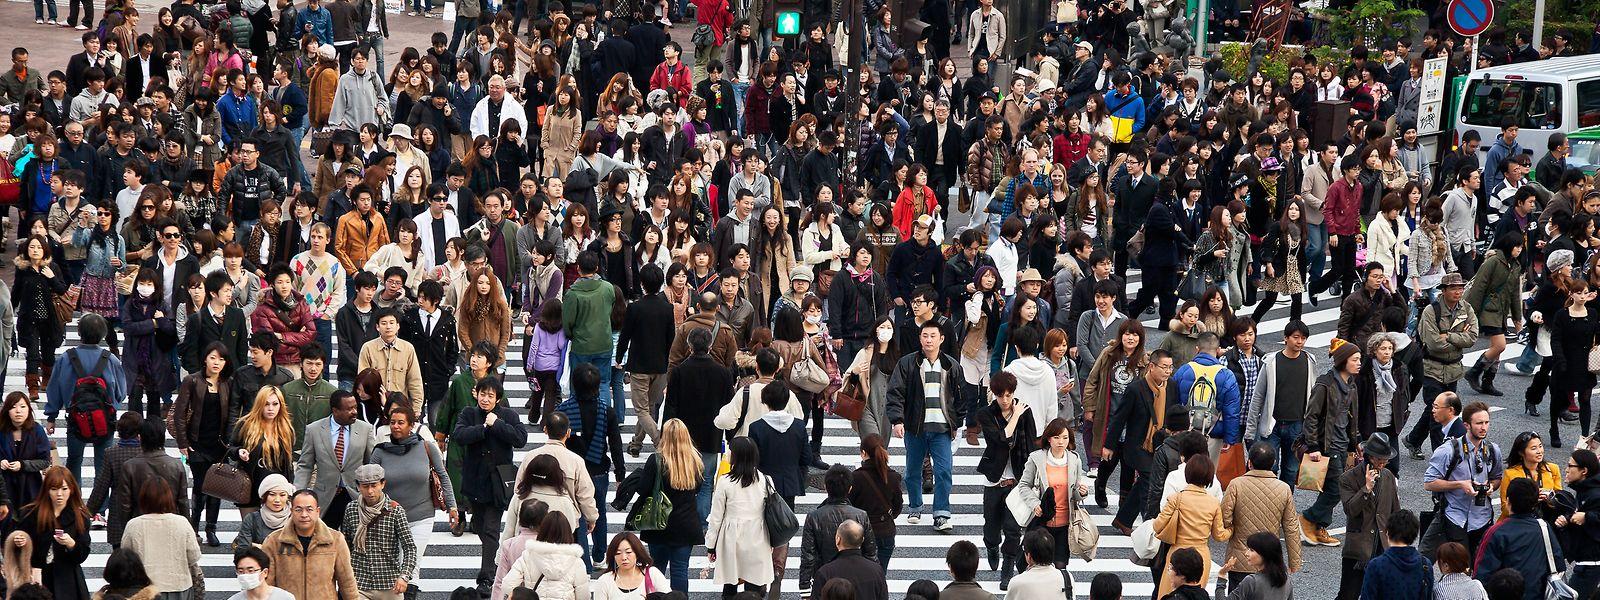 Bis zum Jahr 2100 kann die Weltbevölkerung bis auf zwölf Milliarden anwachsen.